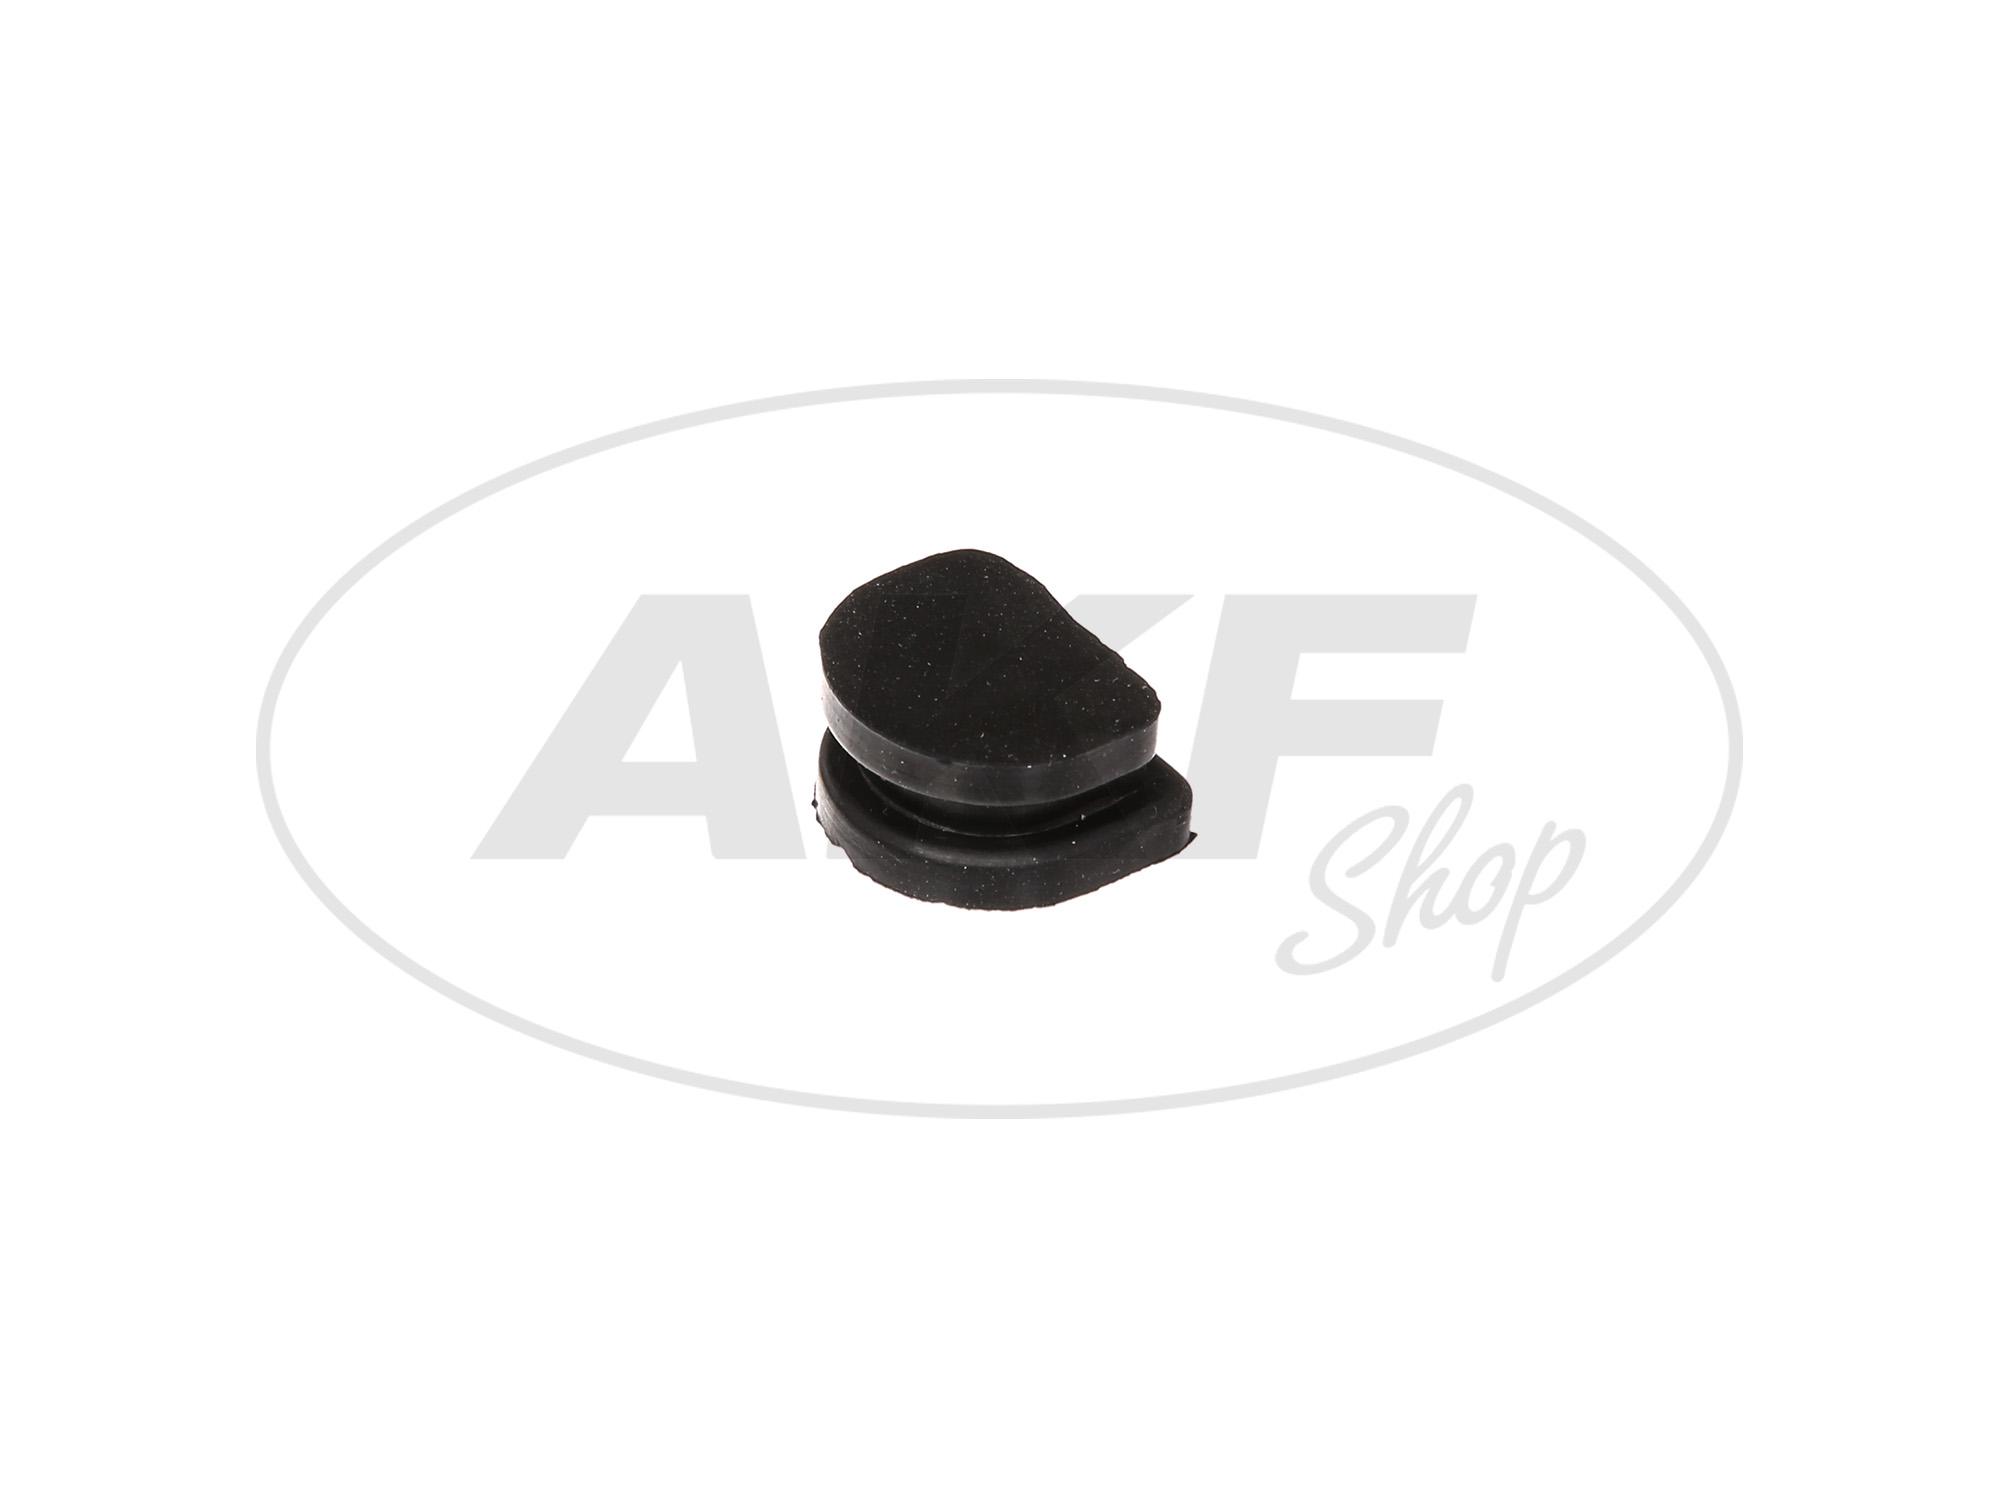 Zoom Ansicht Verschlußstopfen ohne Bohrung, Gummi - für Simson S51, KR51/2 Schwalbe, SR50, S53, S70, S83, SR80